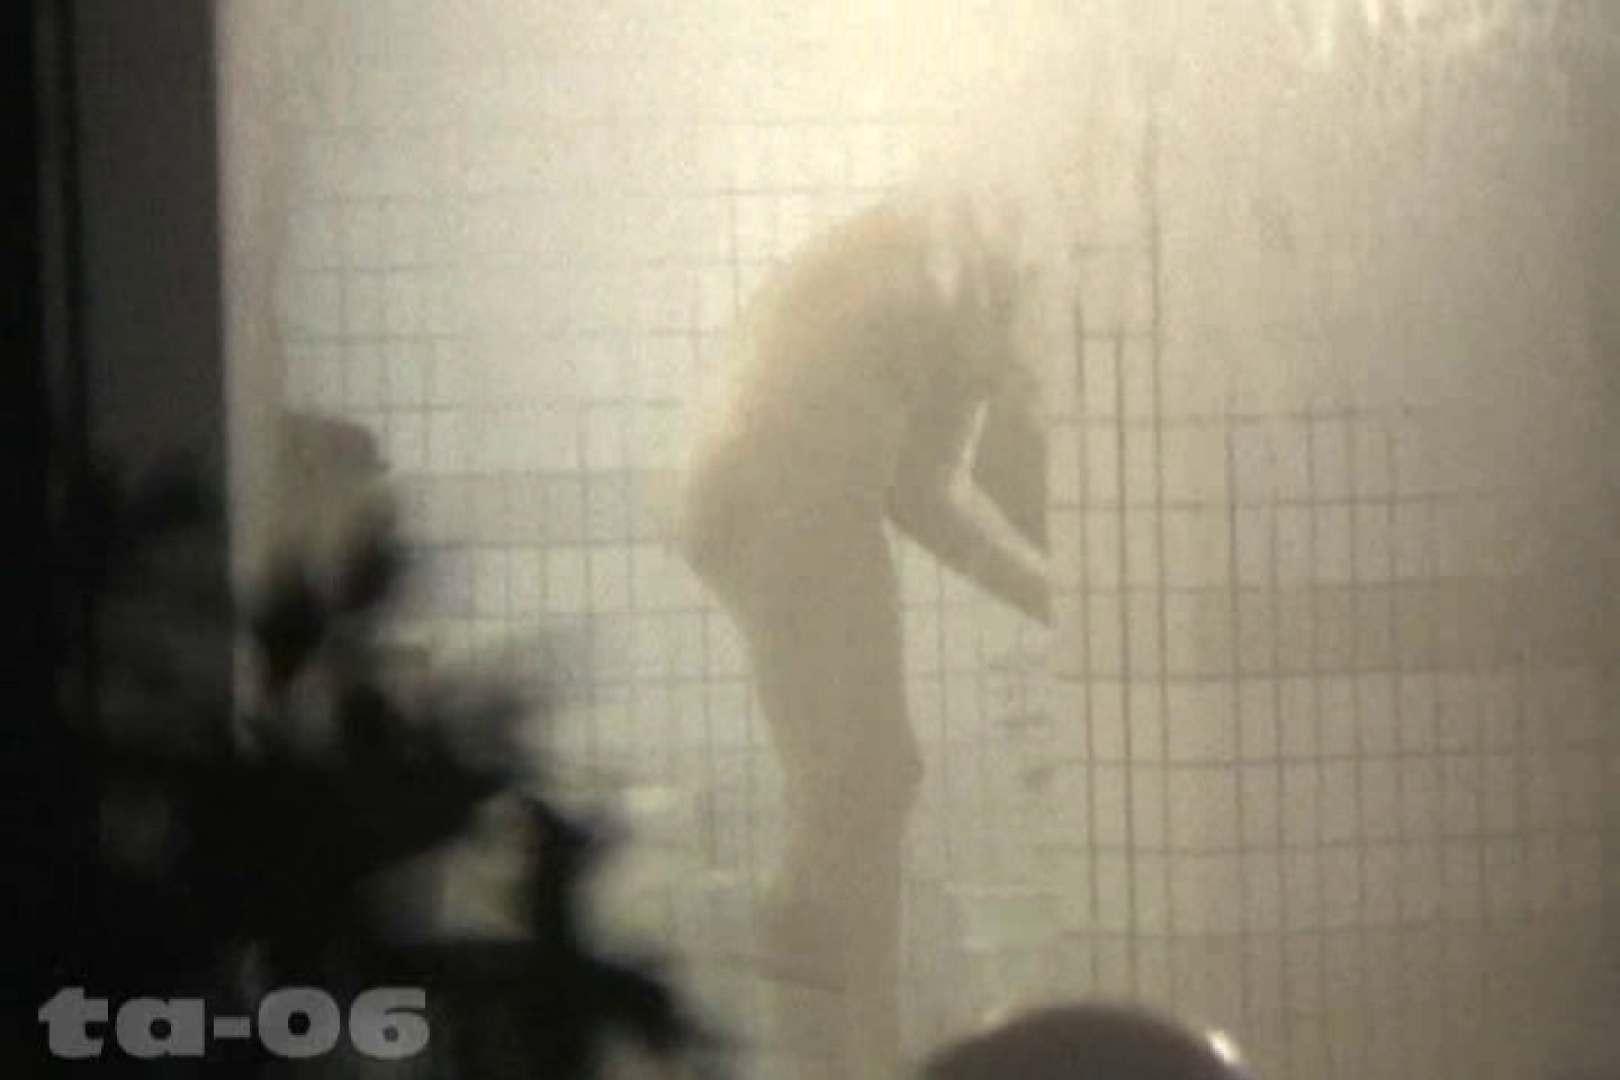 合宿ホテル女風呂盗撮高画質版 Vol.06 盗撮編 ぱこり動画紹介 91枚 43